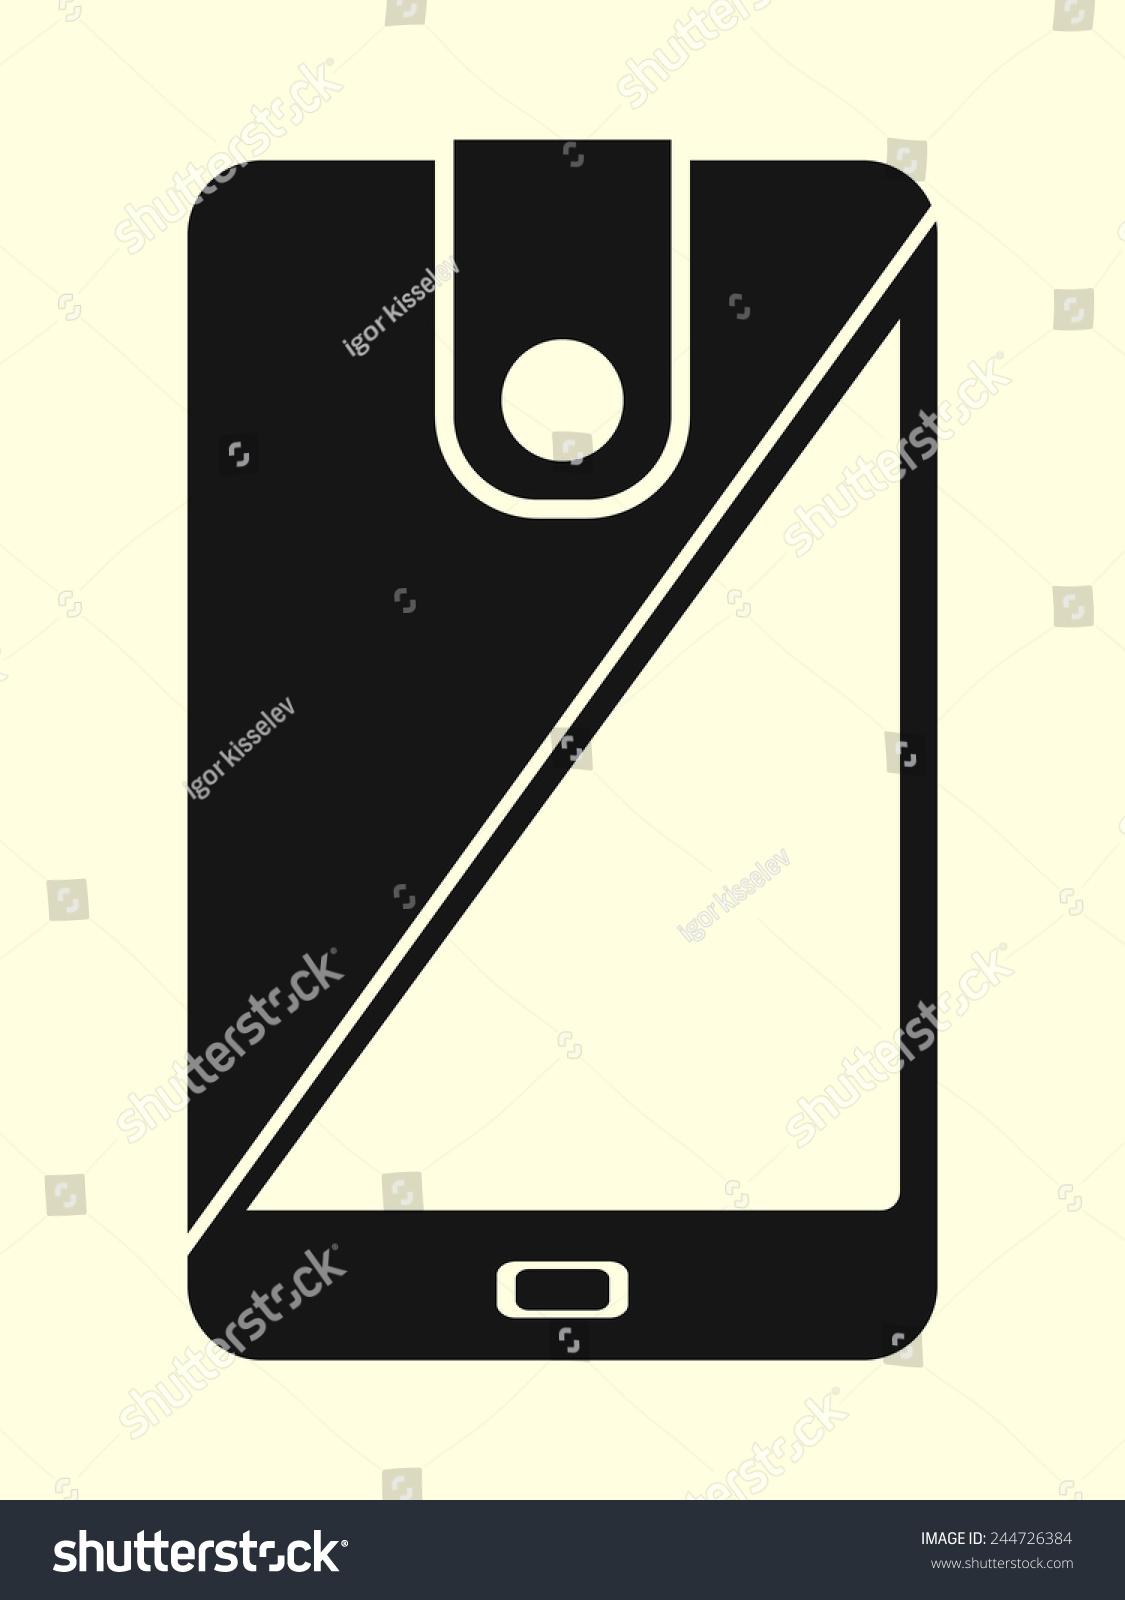 Mobile Money - Cellphone As A Wallet Stock Vector ...